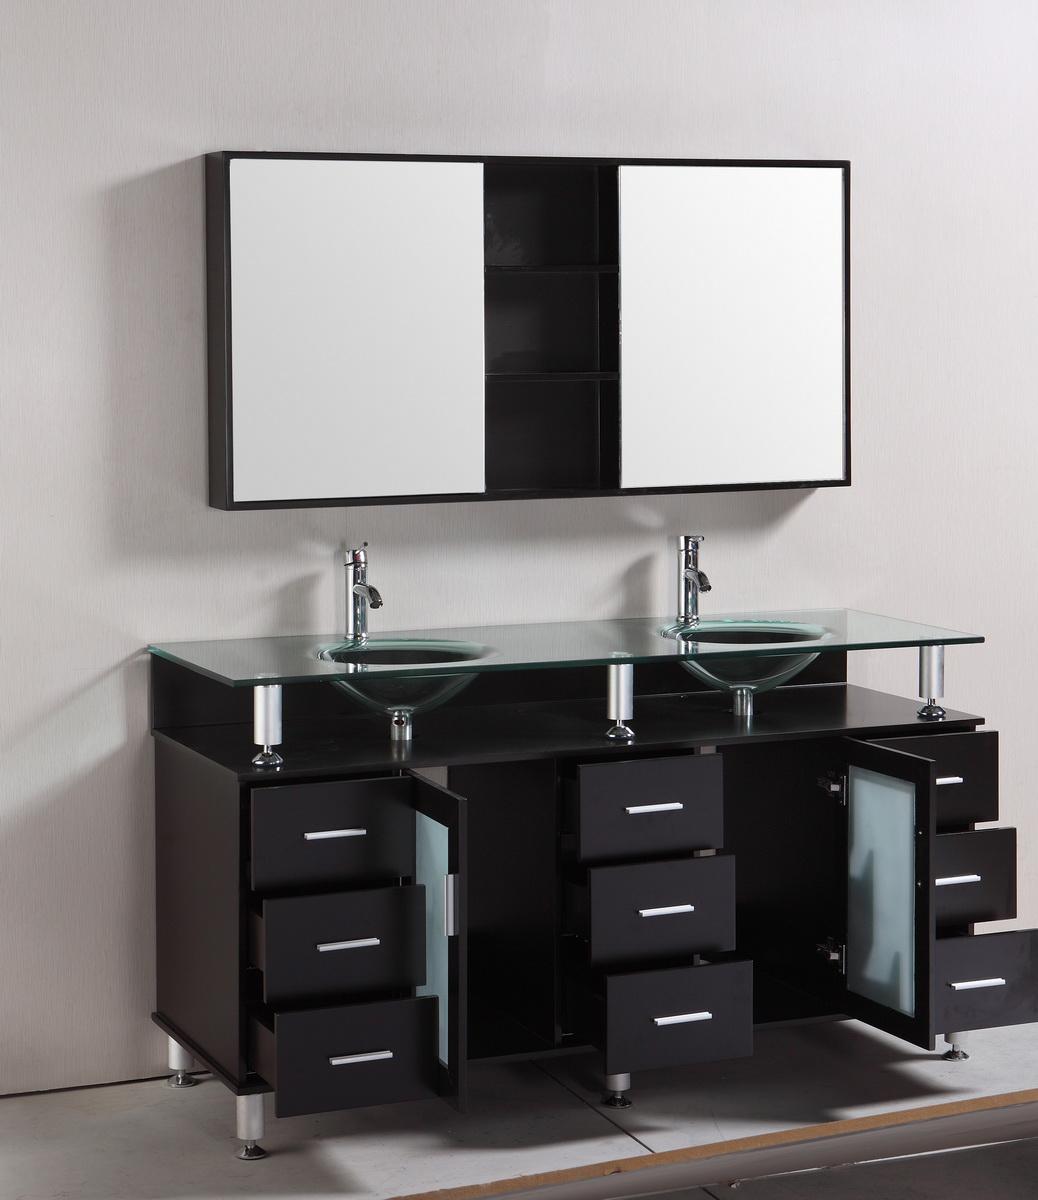 Meuble de salle de bain sanifun maxie 160 ebay - Ebay meuble salle de bain ...